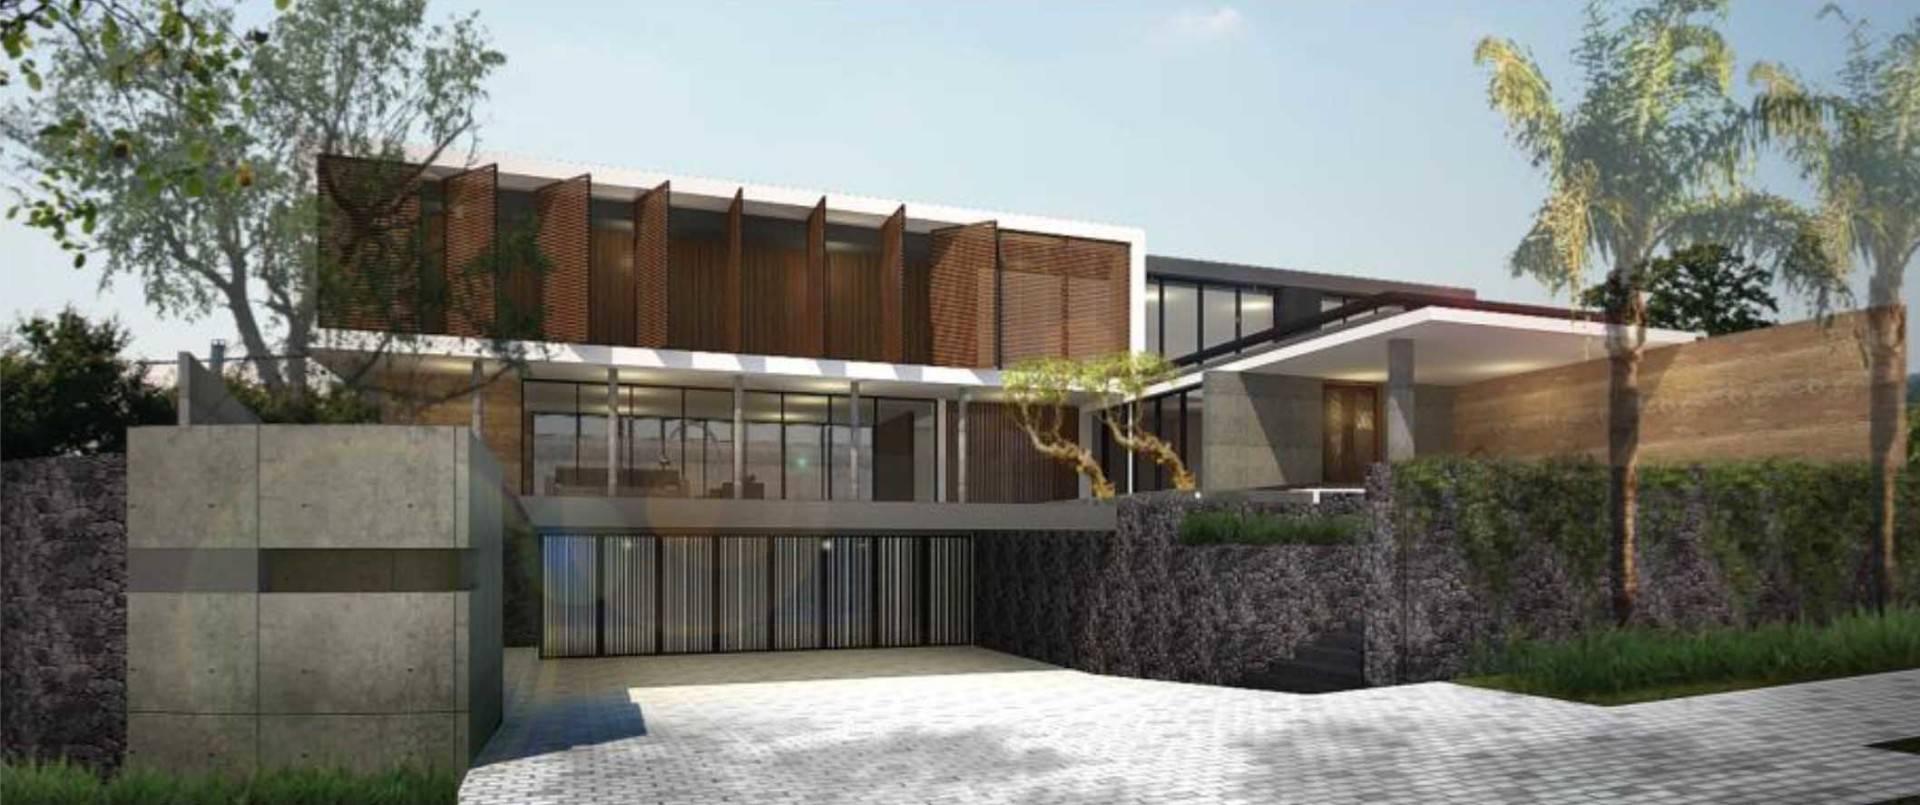 Atelier Prapanca House At Ambon Maluku Maluku Front-View Tropis  7524